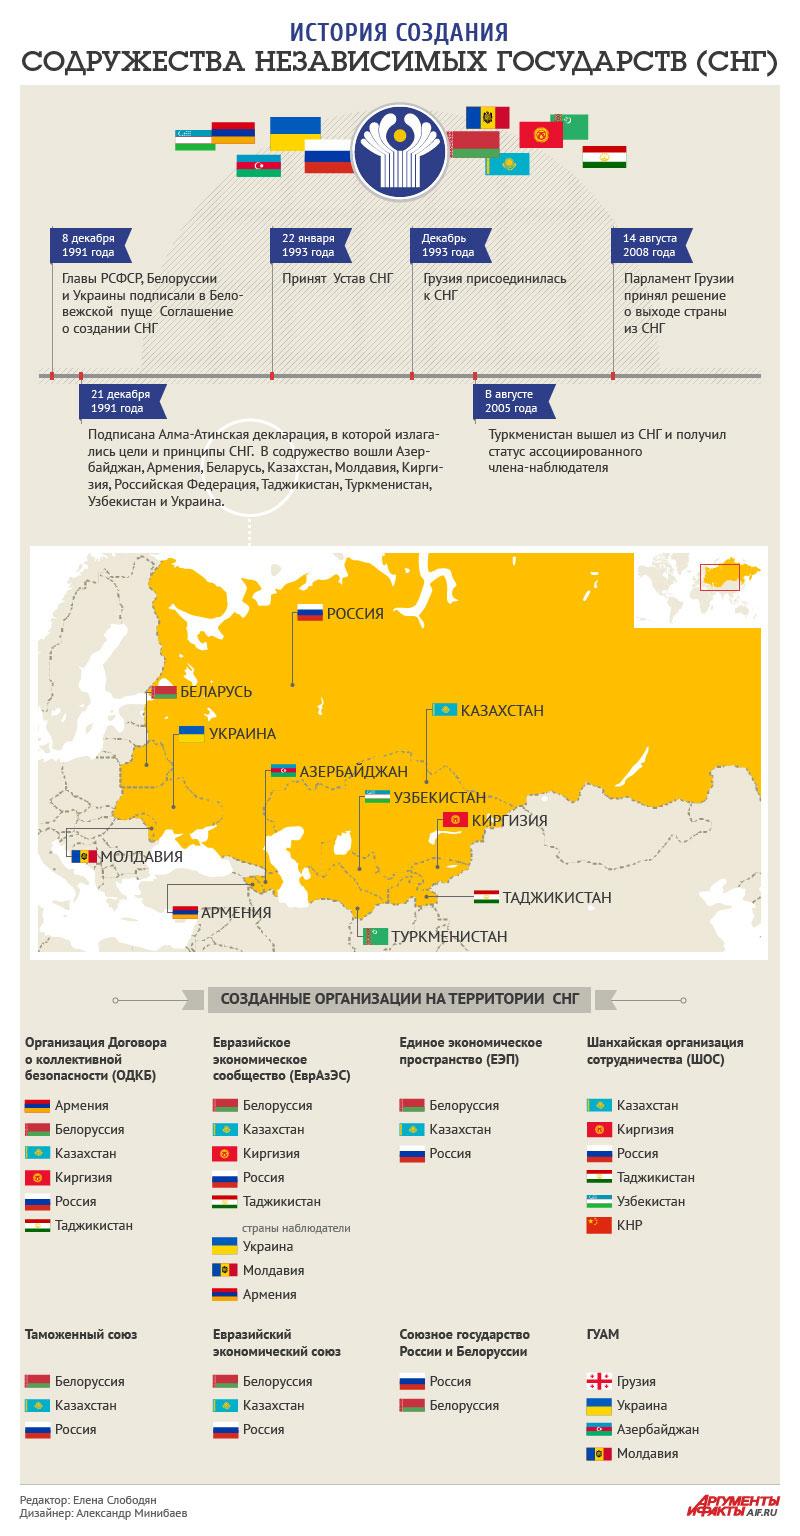 СНГ, инфографика